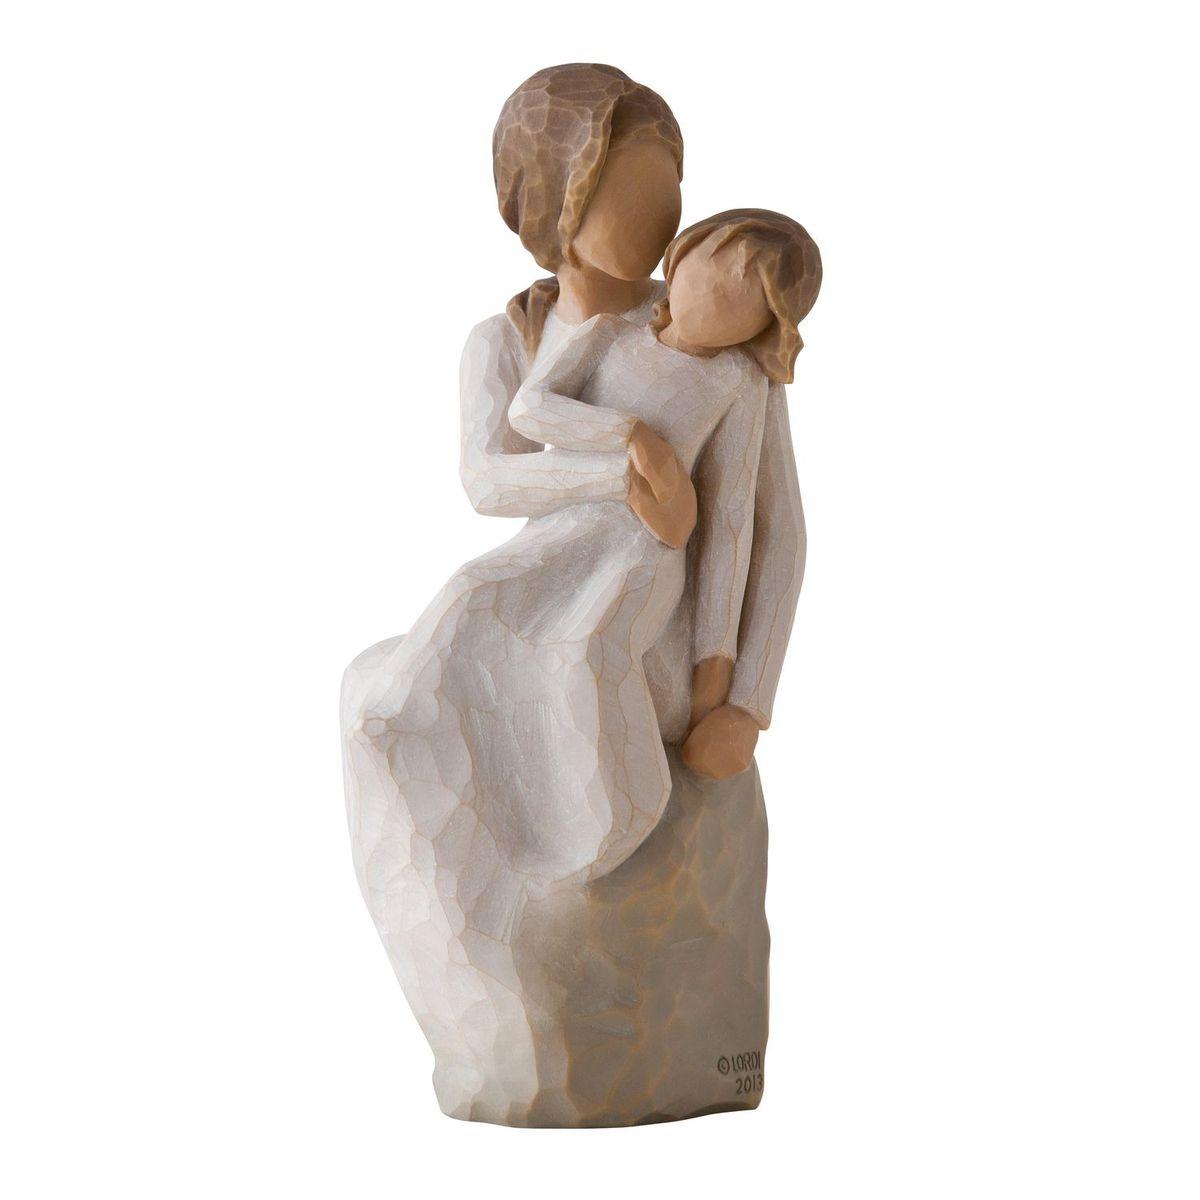 Фигурка Willow Tree Мама и дочка, 16 см27270Эти прекрасные статуэтки созданы канадским скульптором Сьюзан Лорди. Каждая фигурка – это настоящее произведение искусства, образная скульптура в миниатюре, изображающая эмоции и чувства, которые помогают нам чувствовать себя ближе к другим, верить в мечту, выражать любовь. Каждая фигурка помещена в красивую упаковку. Купить такой оригинальный подарок, значит не только украсить интерьер помещения или жилой комнаты, но выразить свое глубокое отношение к любимому человеку. Этот прекрасный сувенир будет лучшим подарком на день ангела, именины, день рождения, юбилей. Материал: Искусственный камень (49% карбонат кальция мелкозернистой разновидности, 51% искусственный камень)